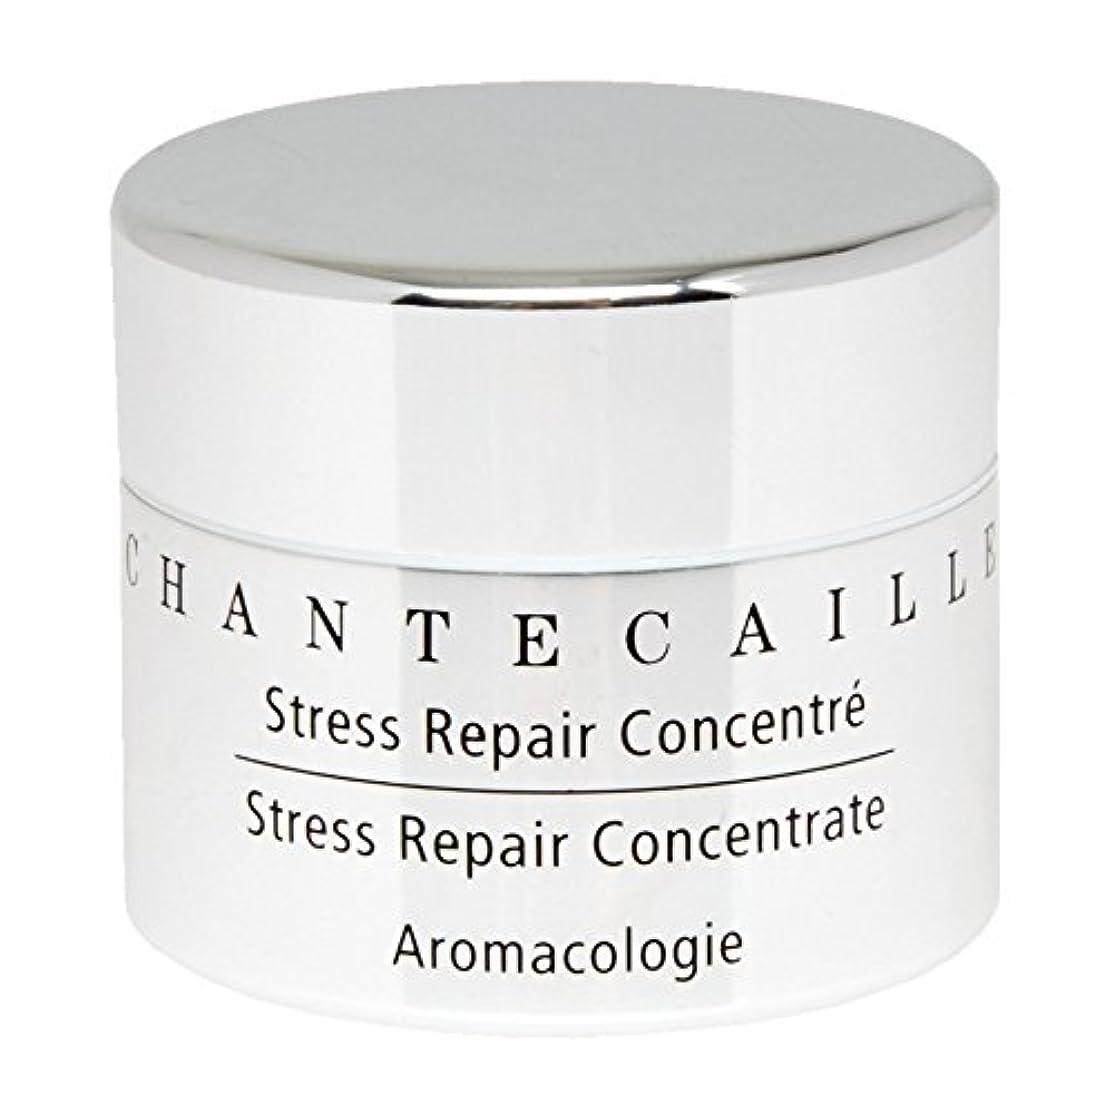 志すモードカルシウムシャンテカイユストレス修復濃縮15ミリリットル x4 - Chantecaille Stress Repair Concentrate 15ml (Pack of 4) [並行輸入品]